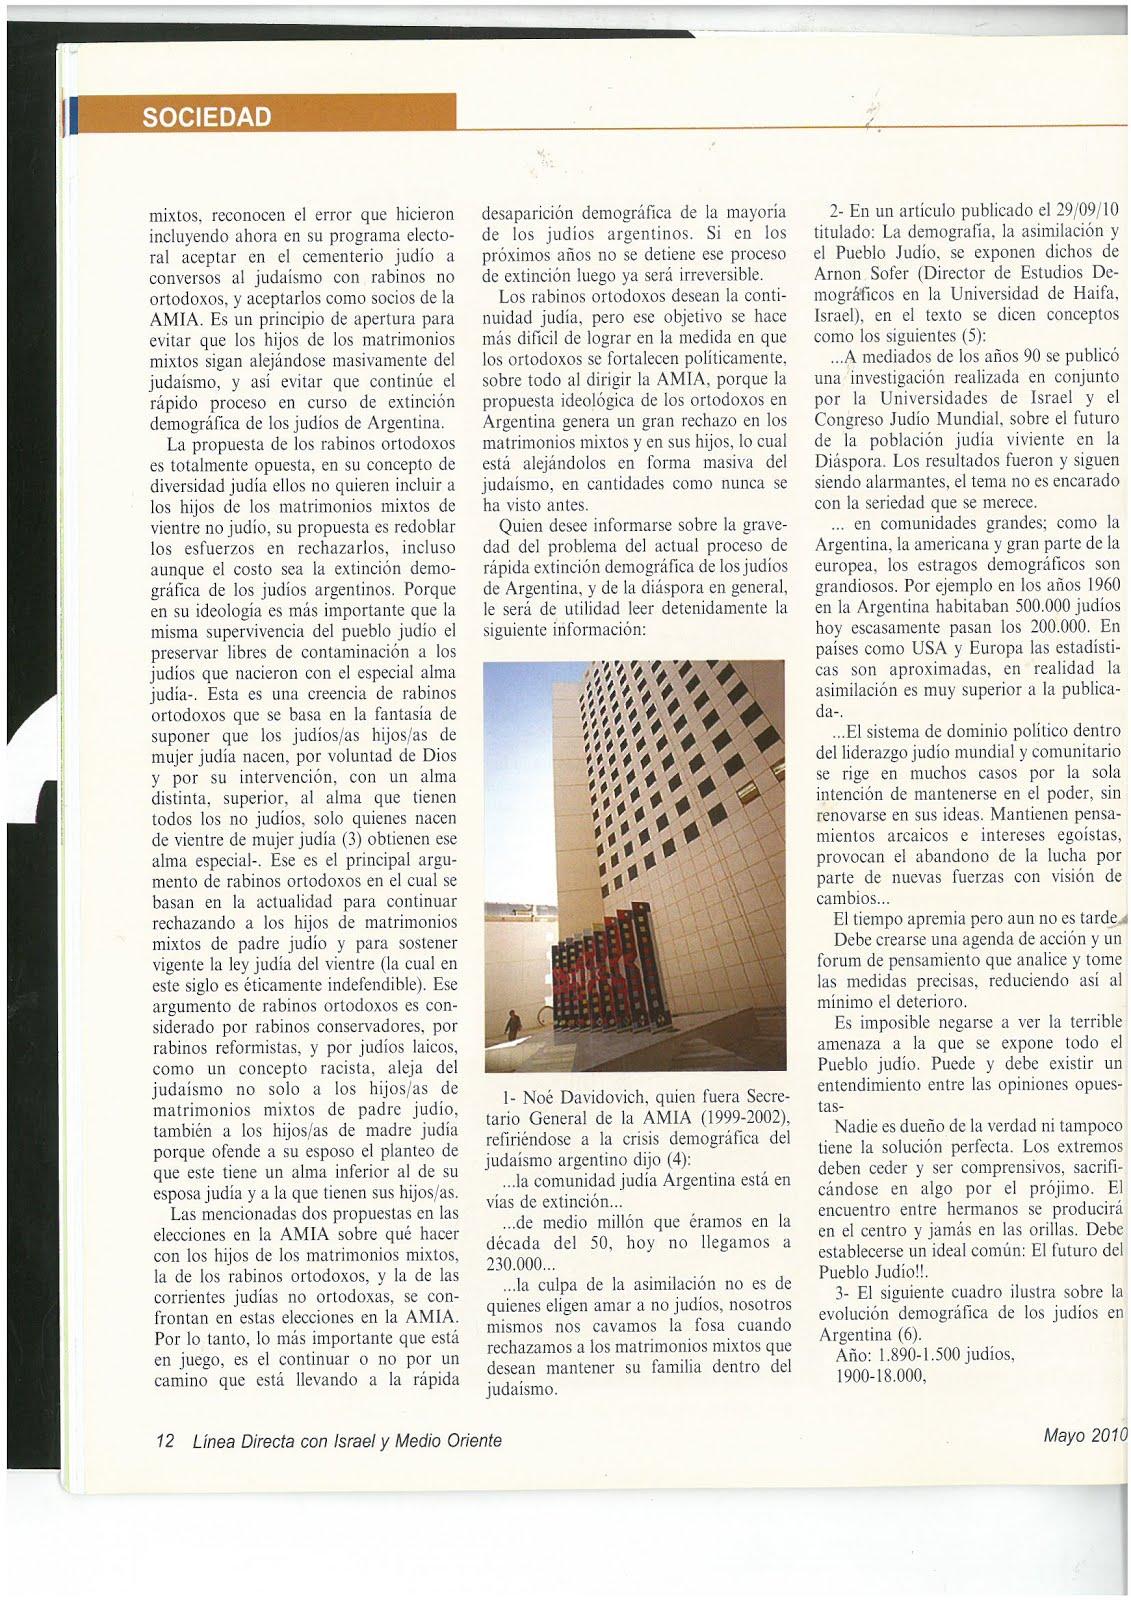 53b - Página 2